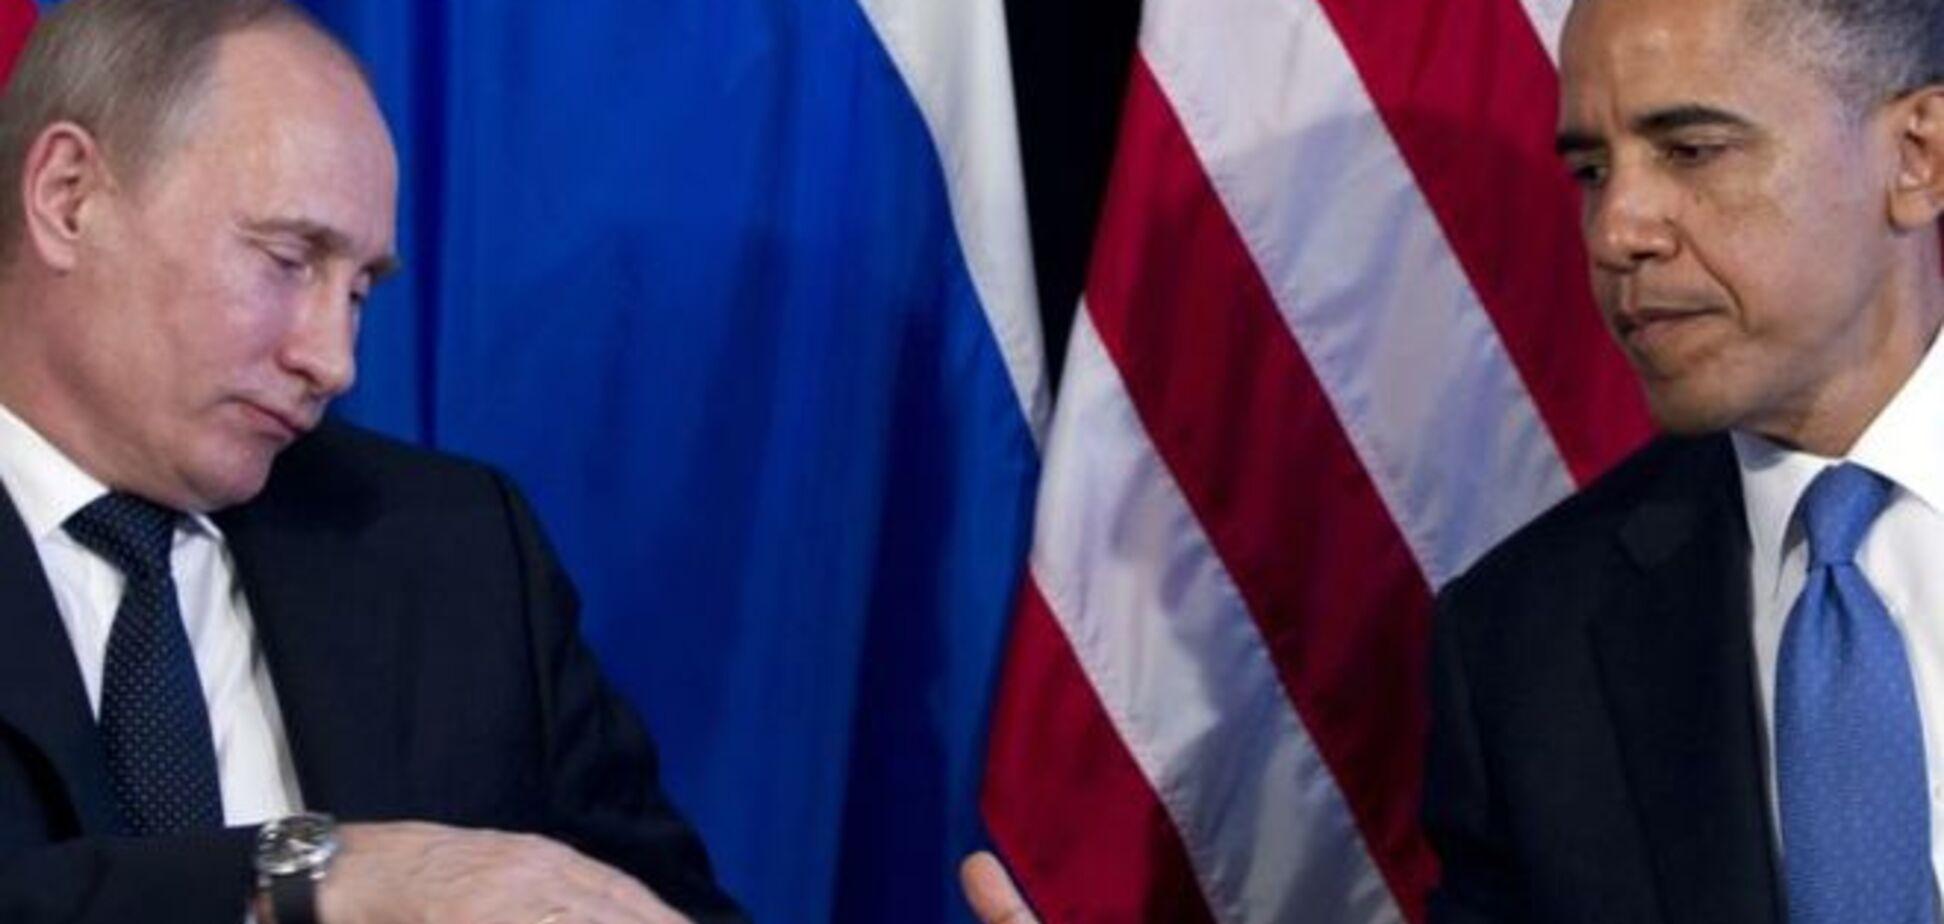 Сочинська-мюнхенська угода Путіна і Обами щодо України